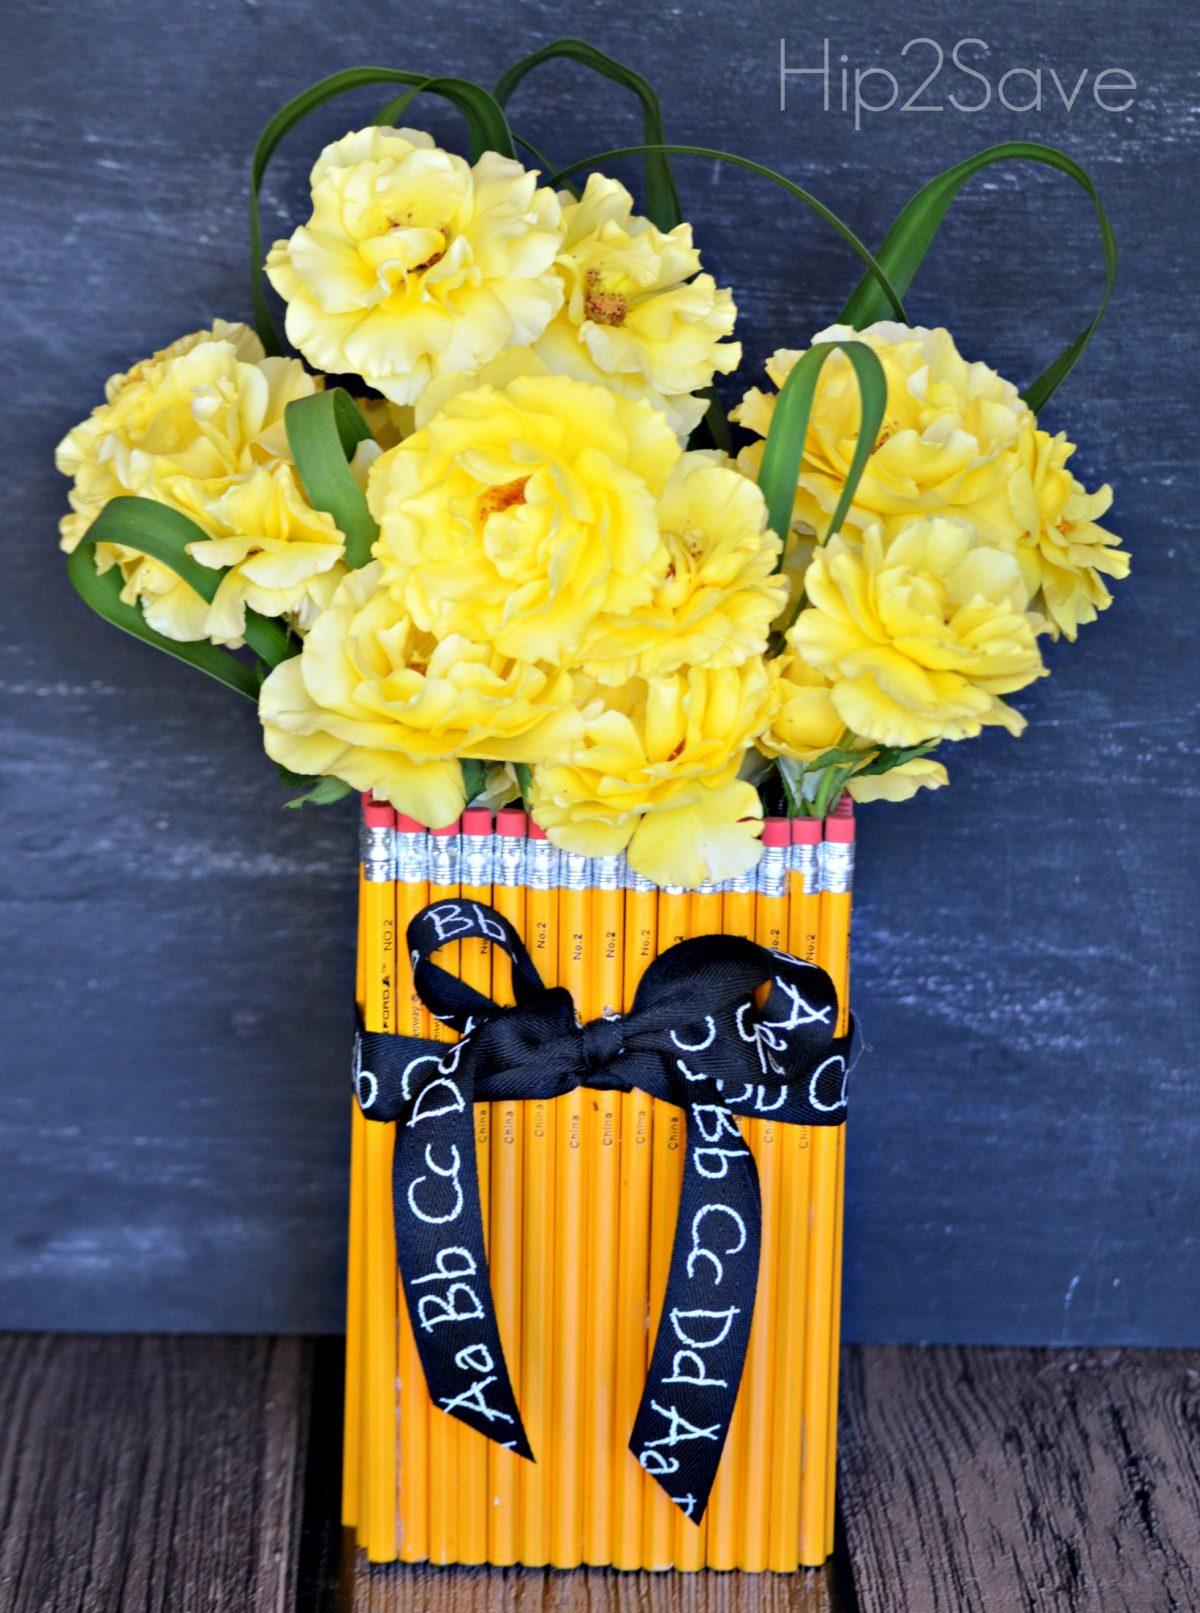 Cute Teacher Vase for Teachers Hip2Save